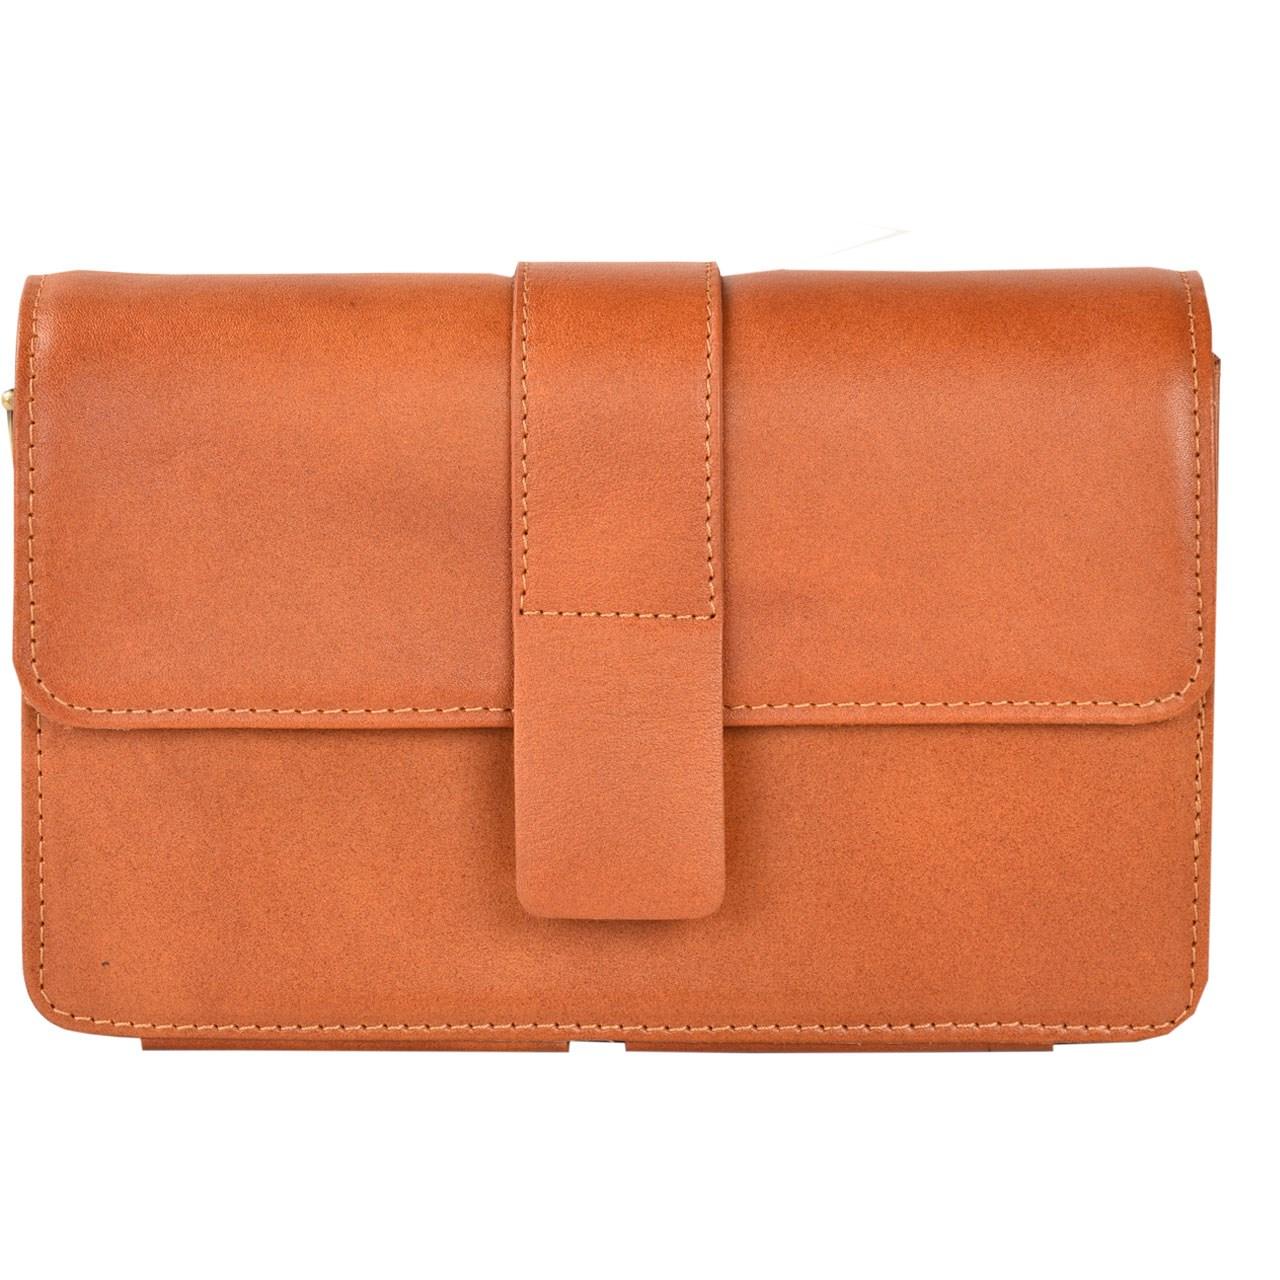 کیف دستی چرم طبیعی کهن چرم مدل DB27